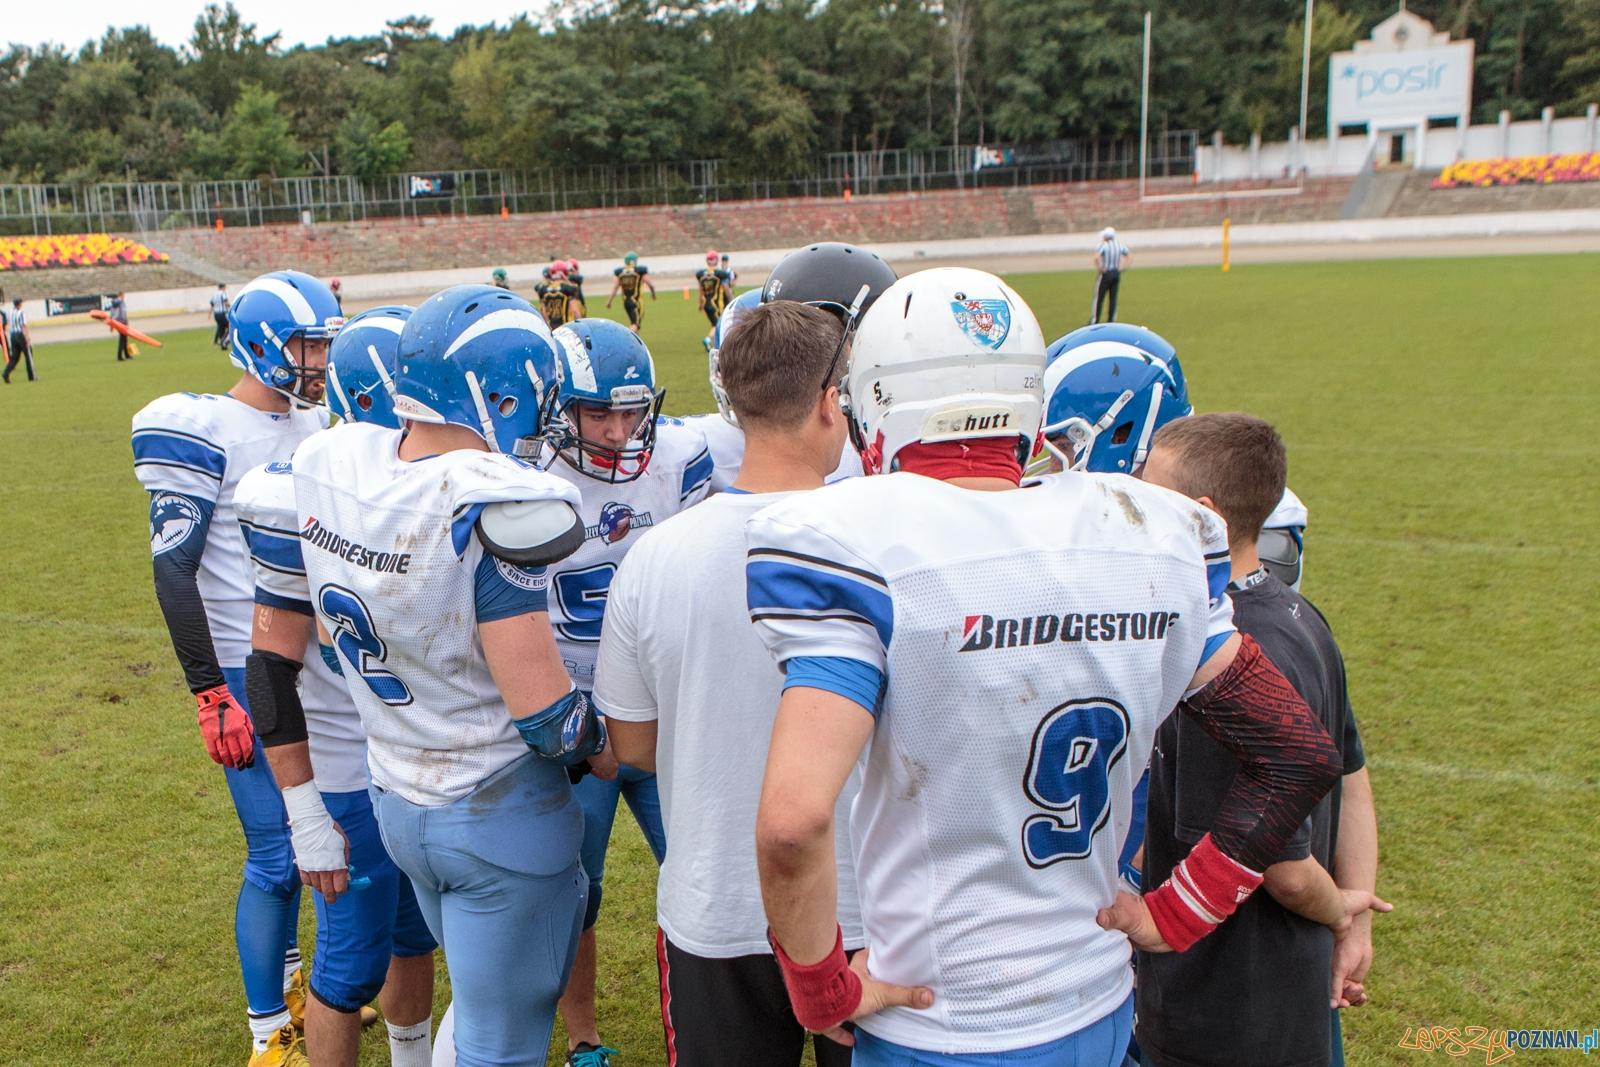 Kozły Poznań B – Warriors Lubin 18:0 (finał) (finał) - 17.  Foto: LepszyPOZNAN.pl / Paweł Rychter